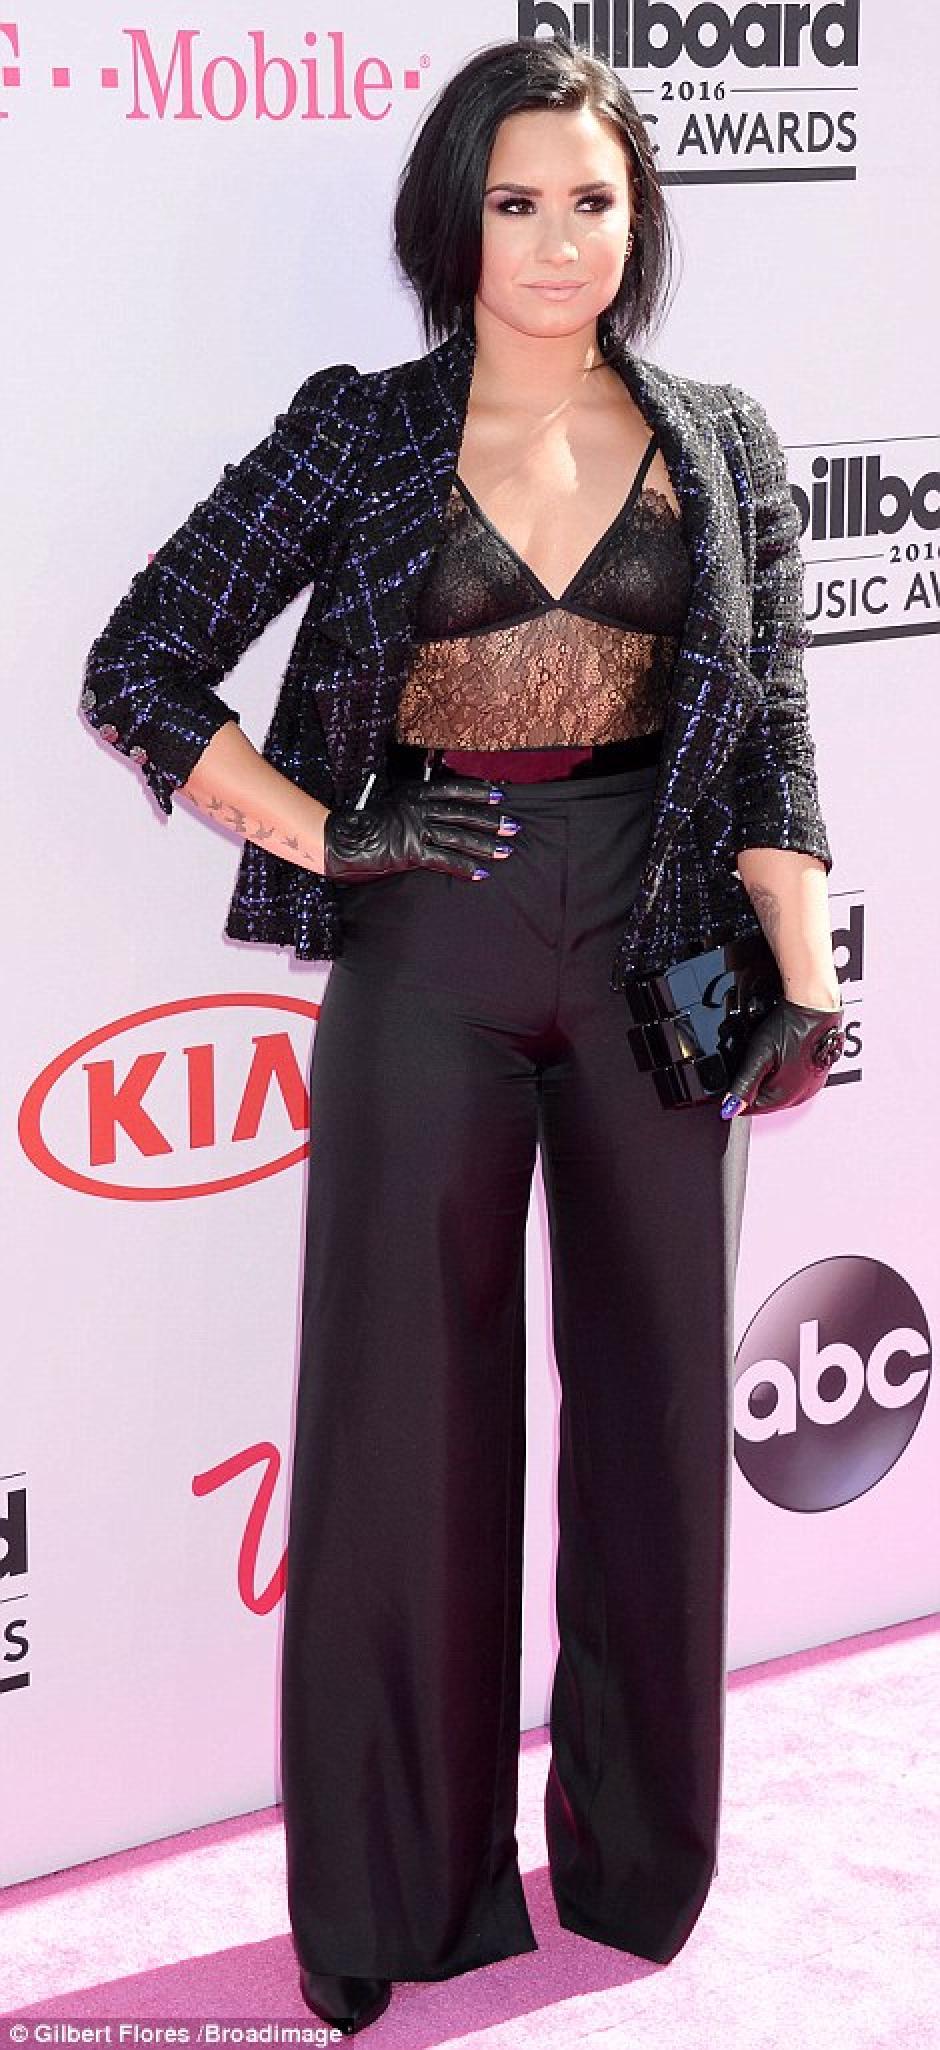 Sofisticada y conservadora, Demi Lovato prefirió dejar todo a la imaginación. (Foto: Gilbert Flores/Broadimage)